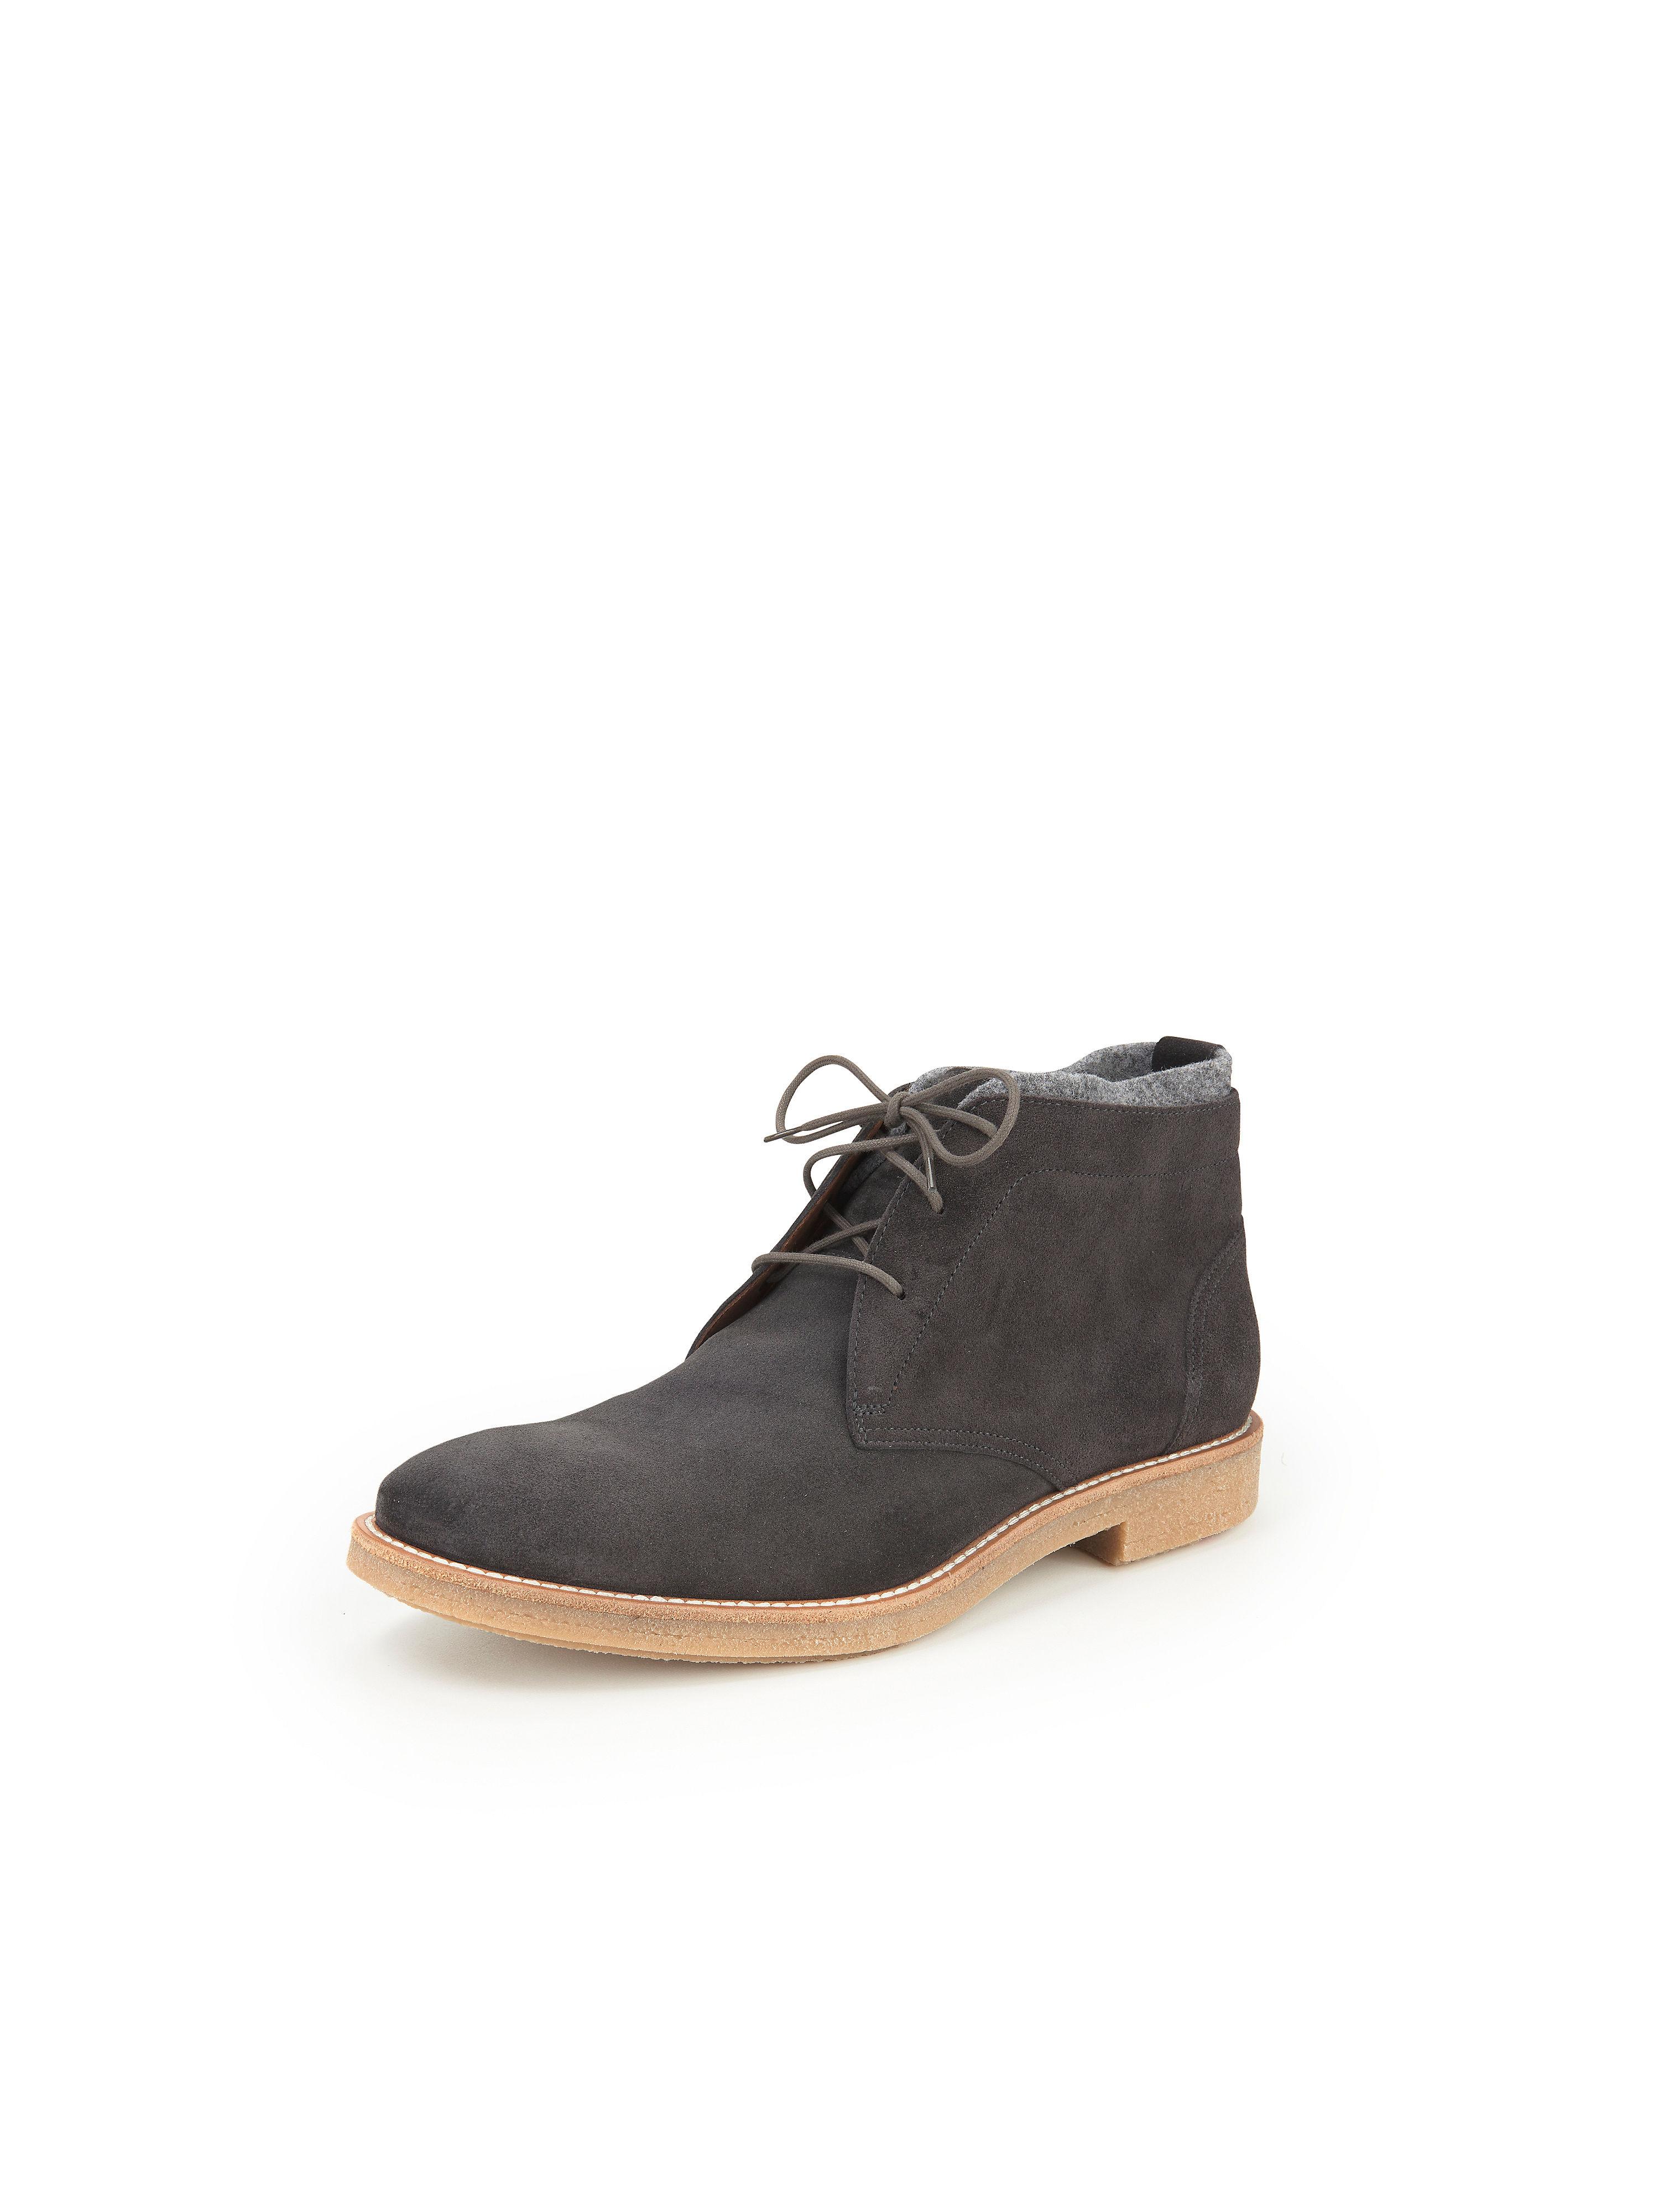 buy popular 91d9c 1b53a Schuhe online günstig kaufen über shop24.at   shop24